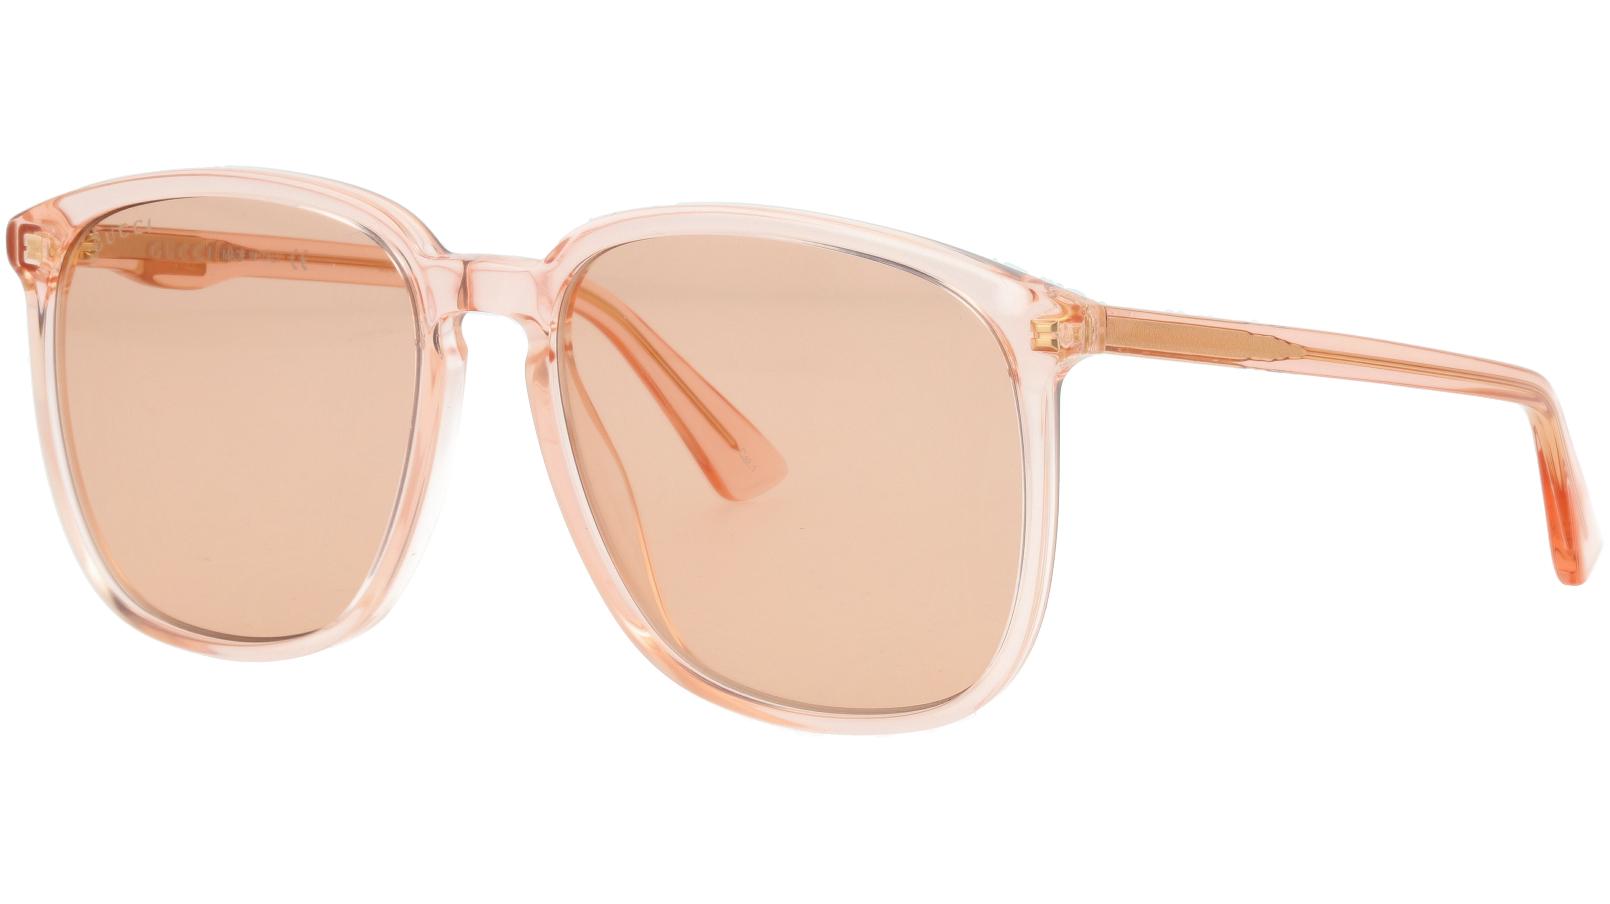 GUCCI GG0265S 003 55 ORANGE Sunglasses